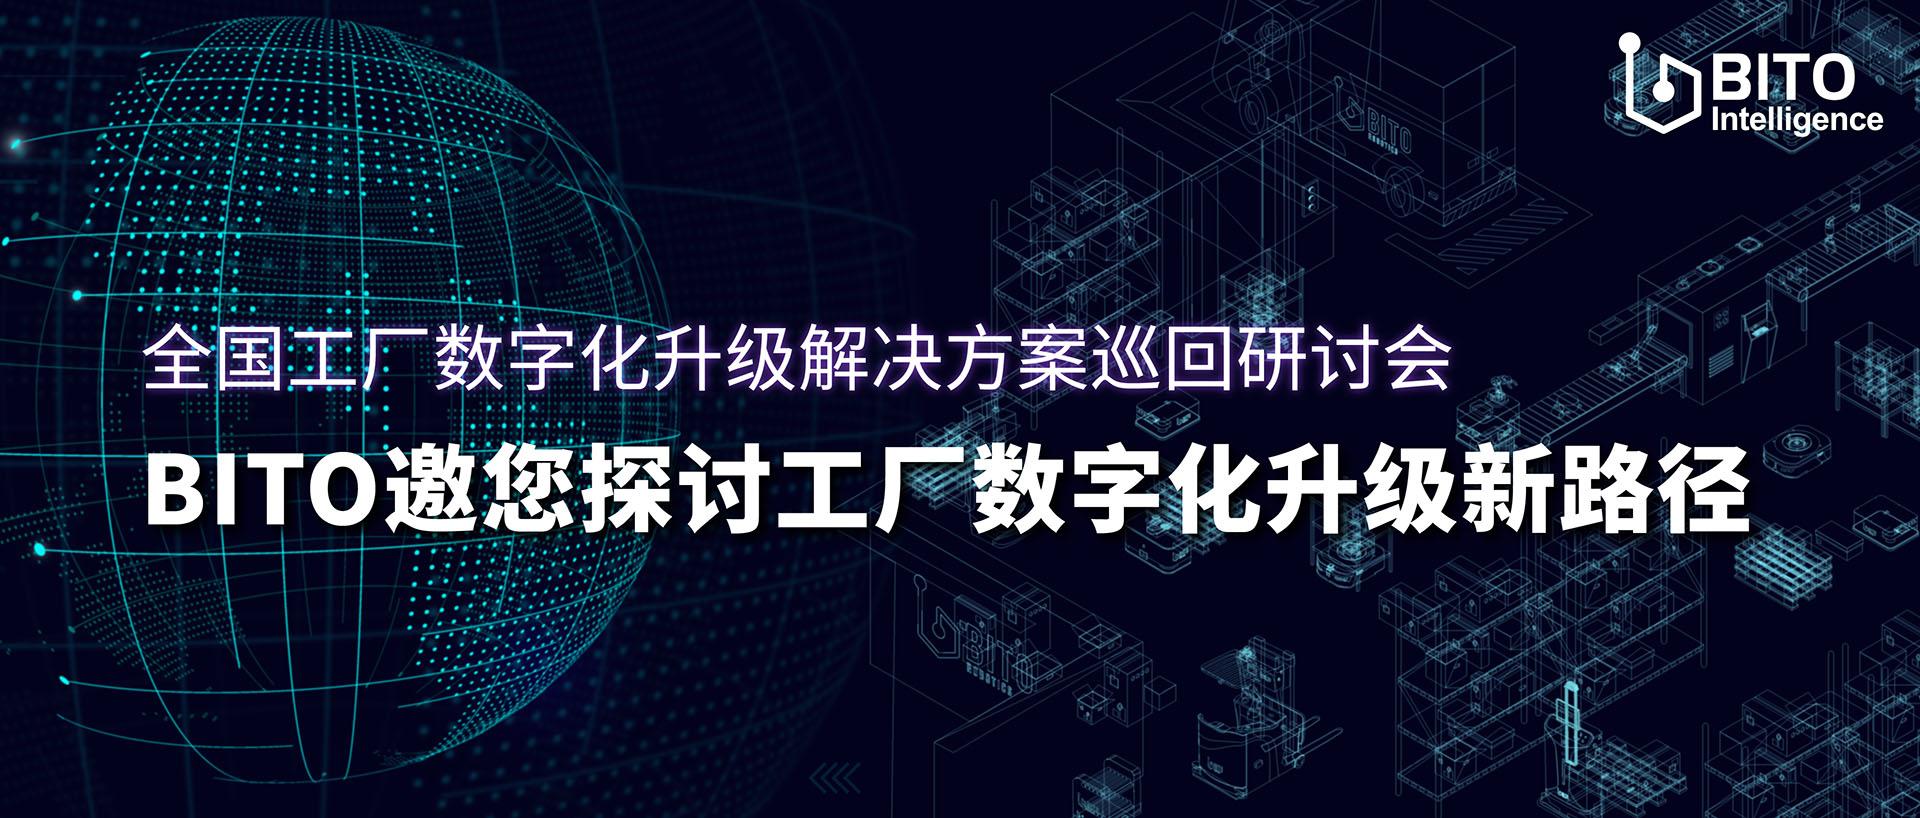 活动预告 宾通智能邀您探讨工厂数字化升级解决方案